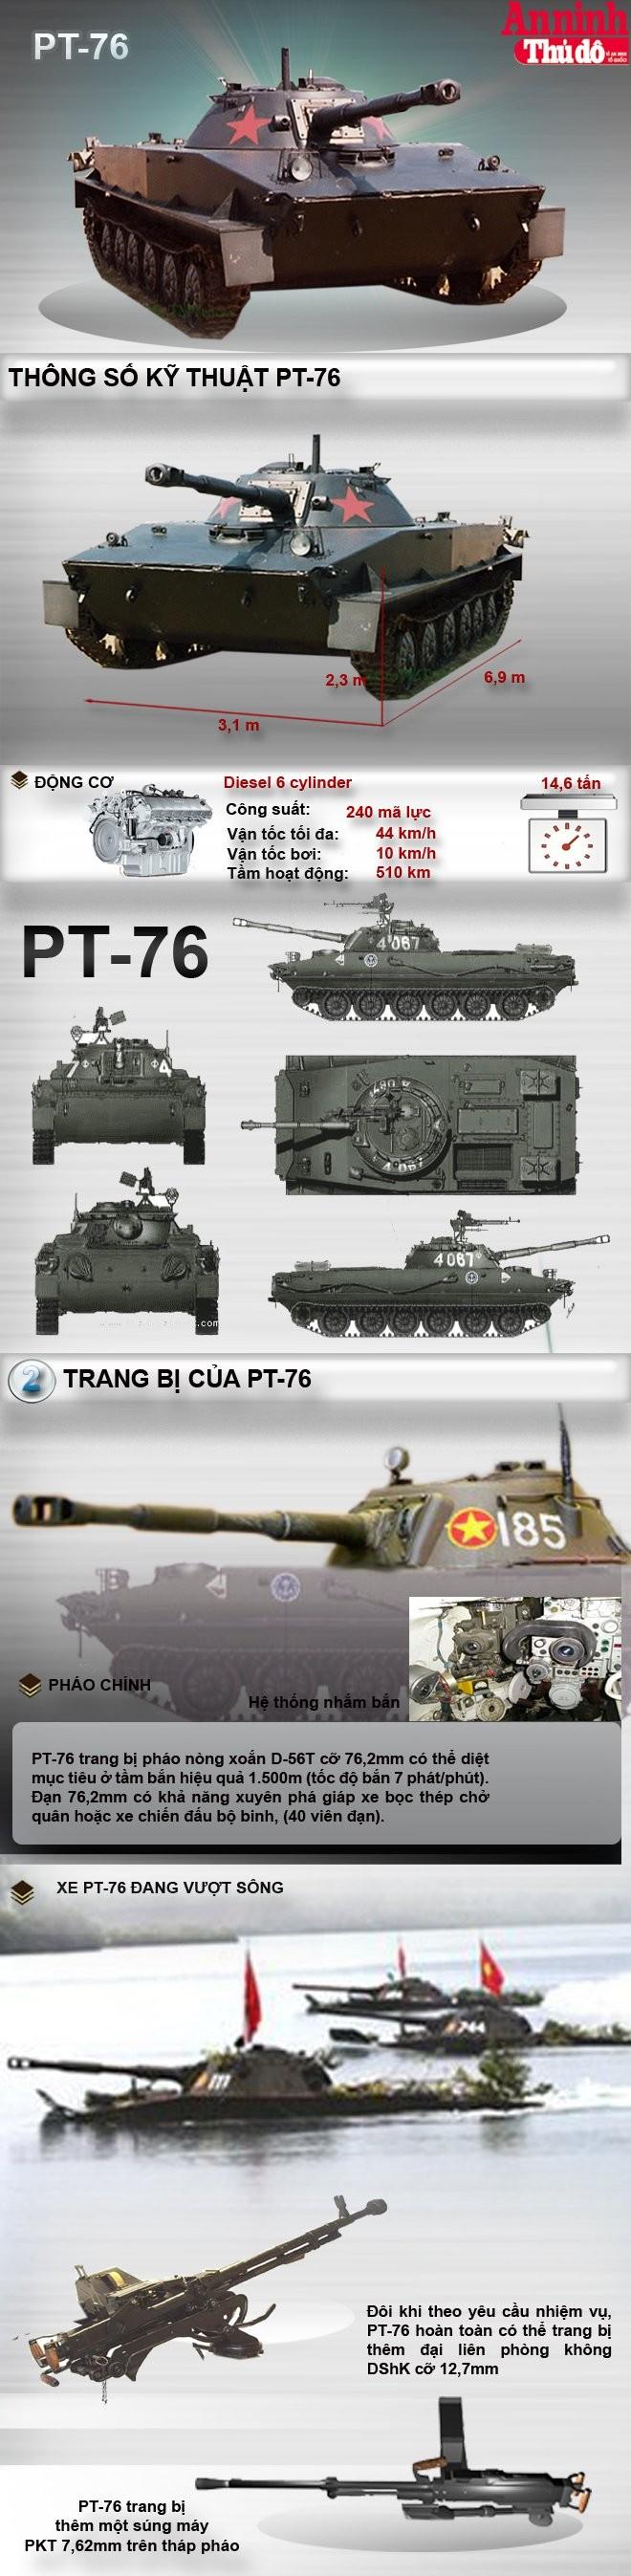 """[Infographic] PT-76 - """"Kình ngư"""" một thời làm quân thù khiếp đảm ảnh 2"""